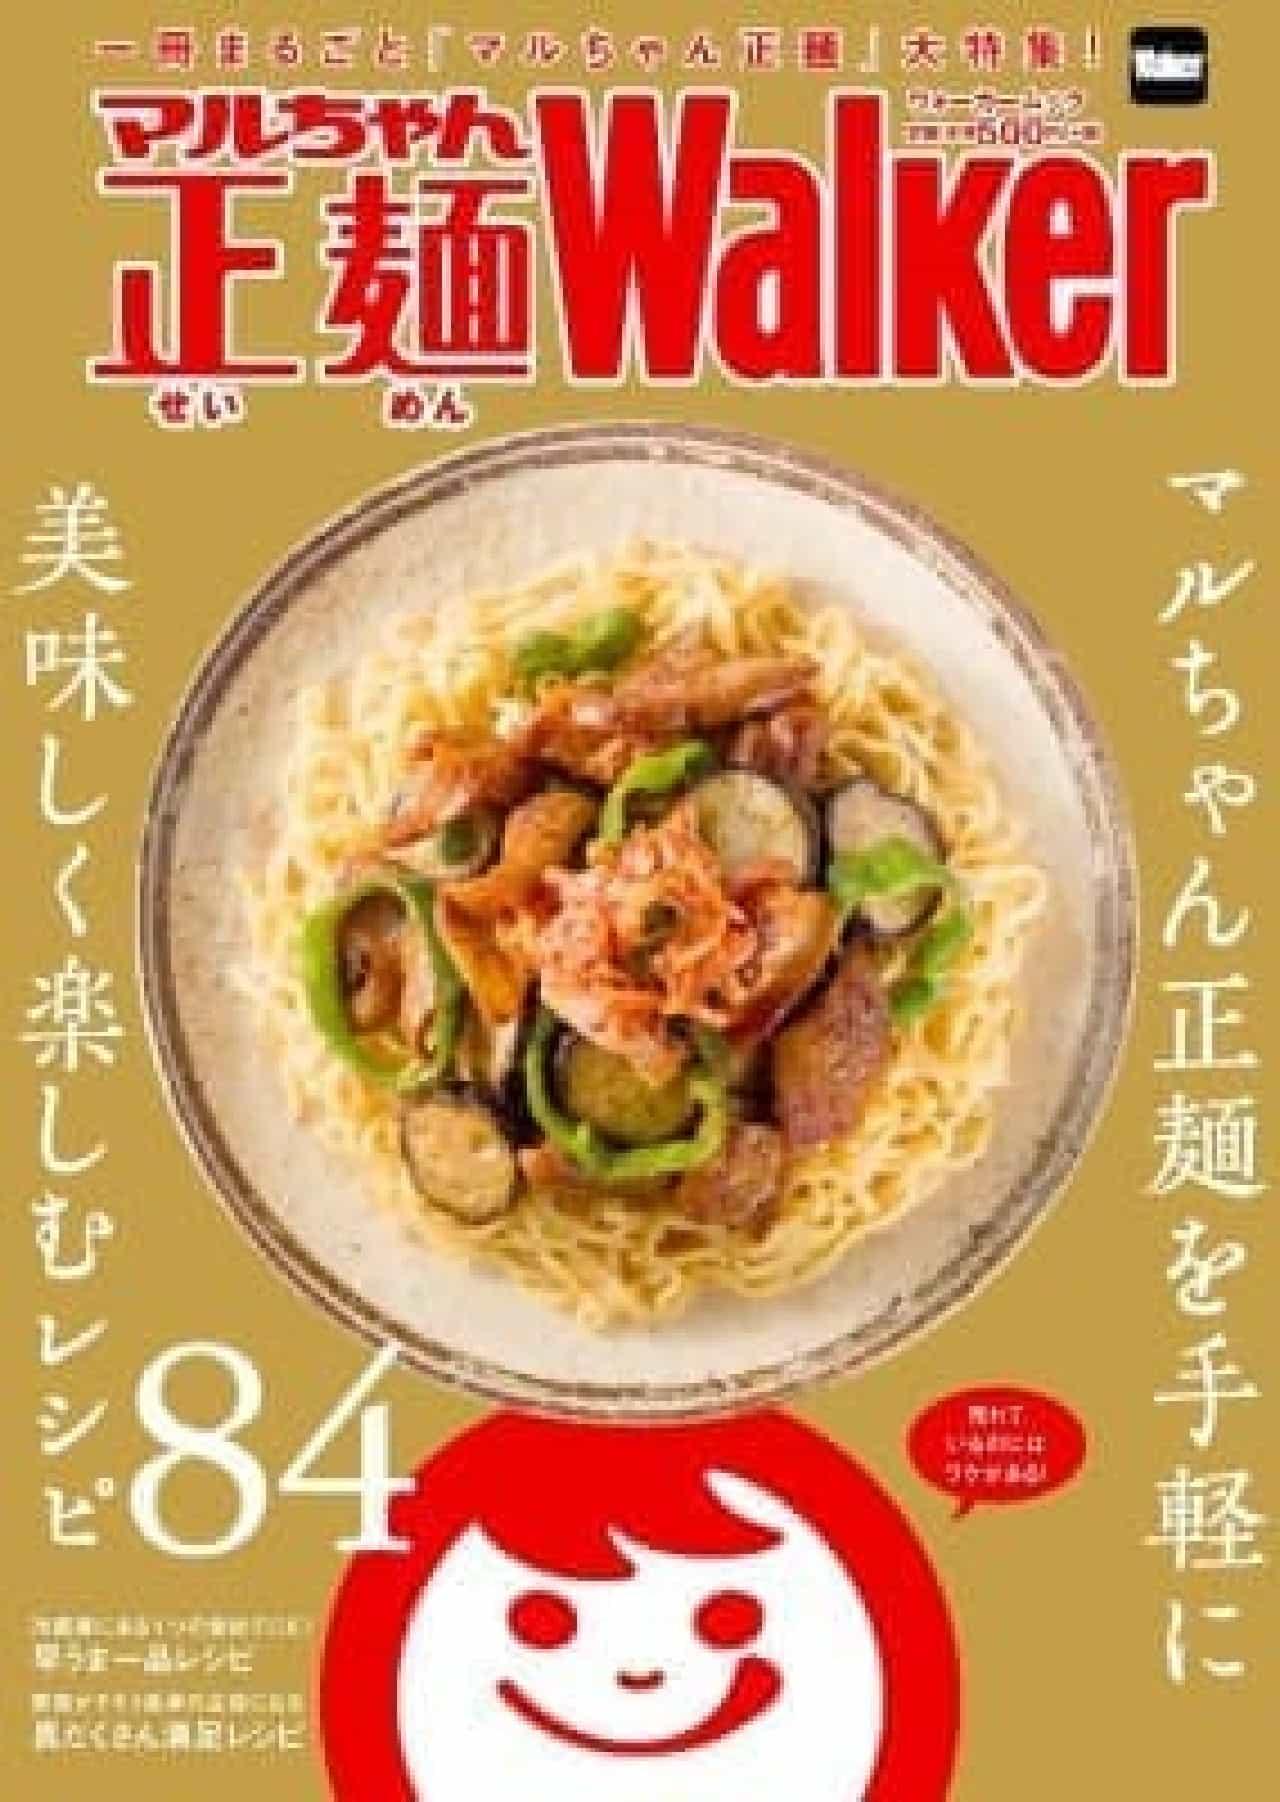 一冊まるごと「マルちゃん正麺」なレシピ本が登場